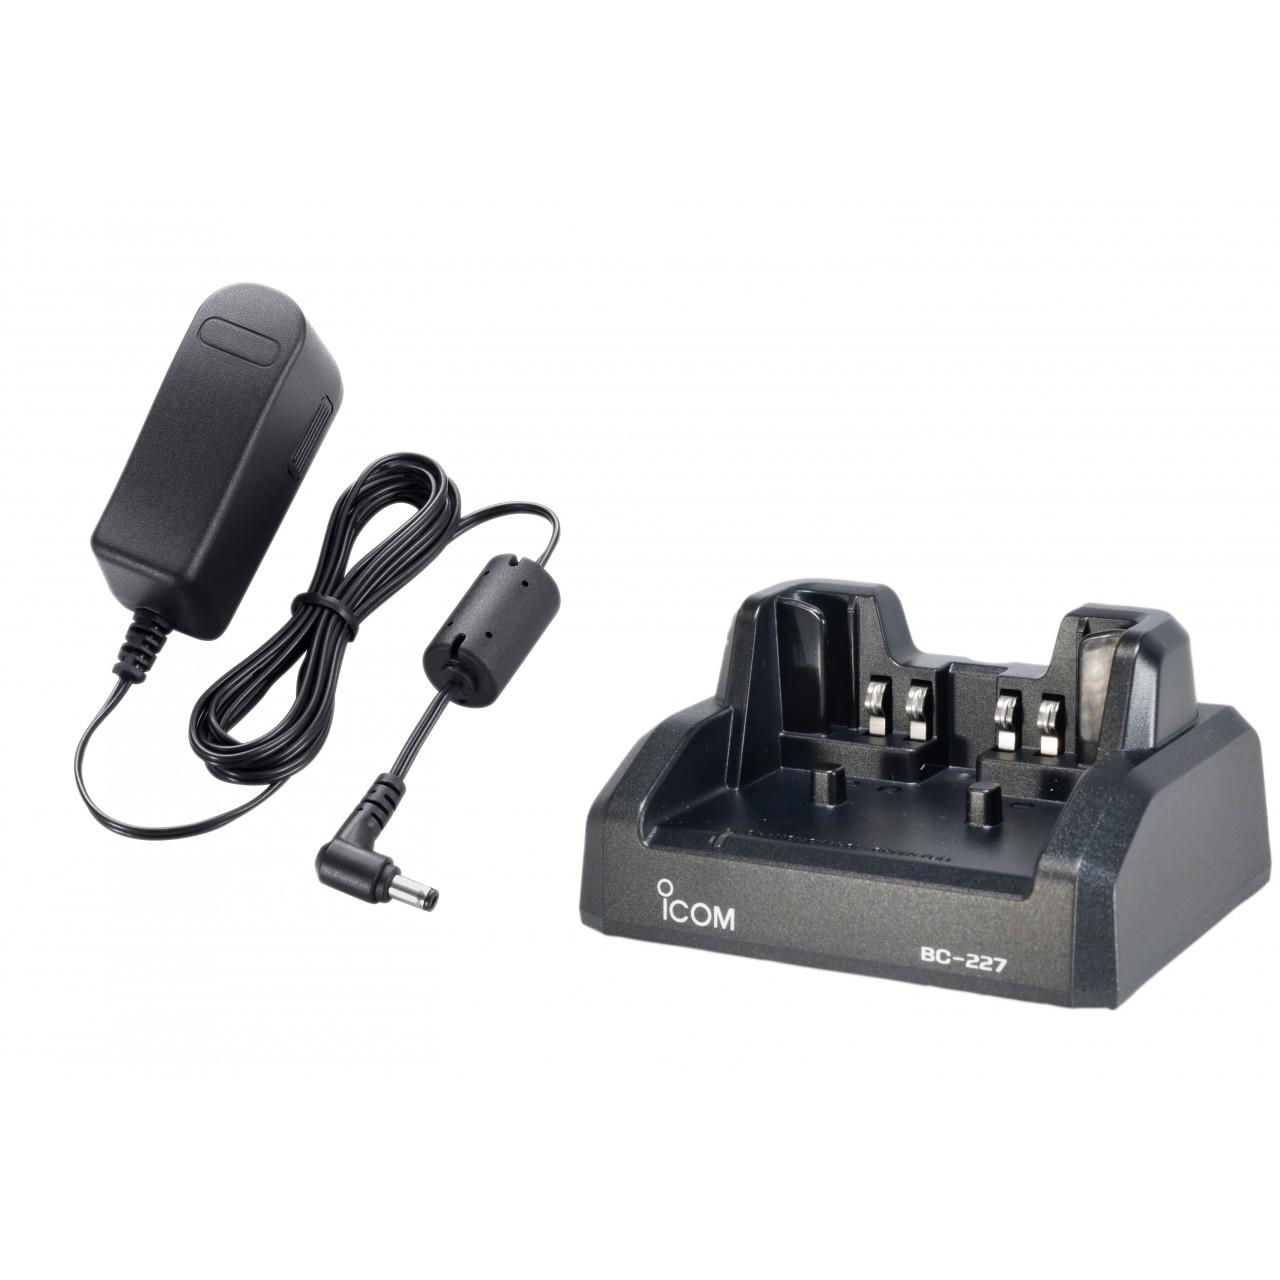 BC-227 Chargeurs et alimentations - ICOM